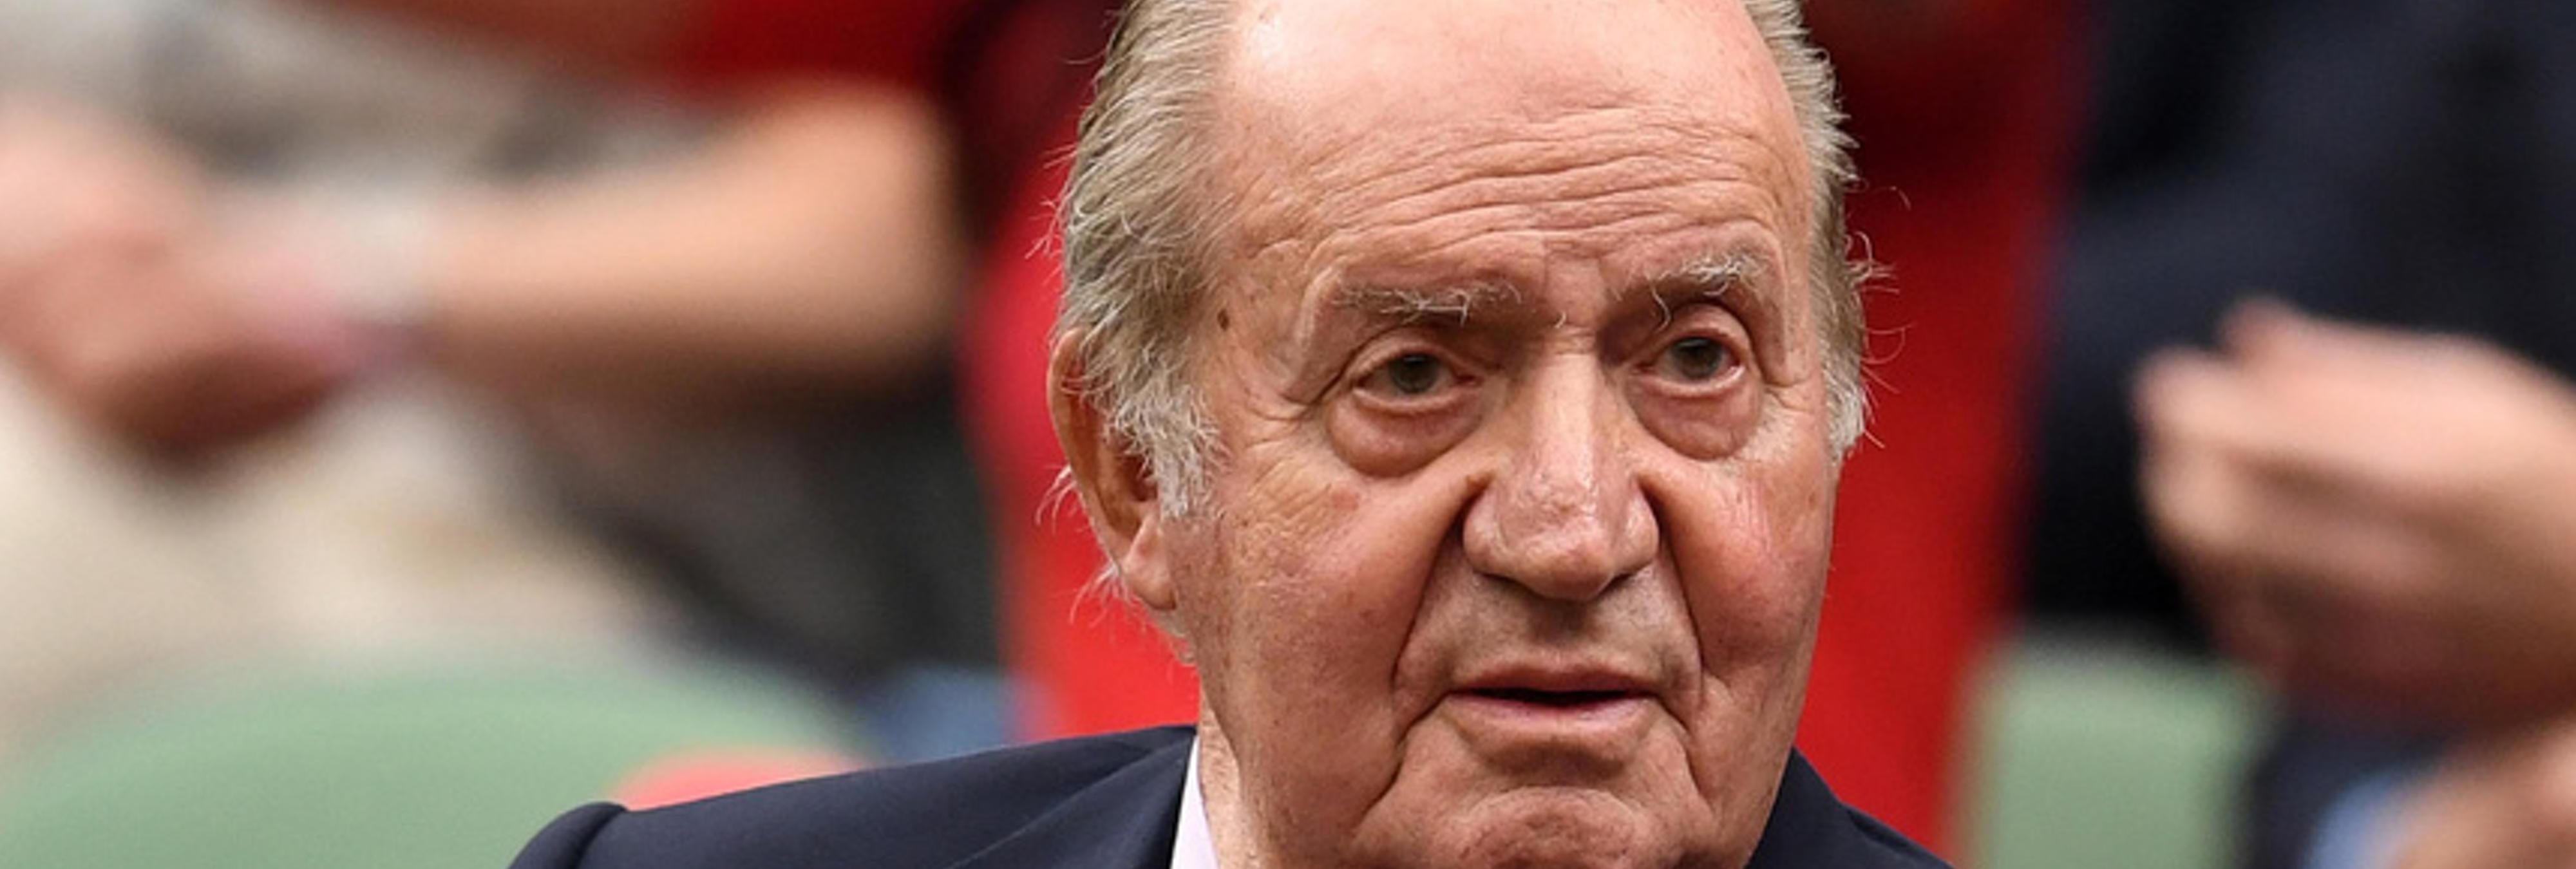 La justicia investiga a un hombre que amenazó con cortarle la cabeza al rey Juan Carlos